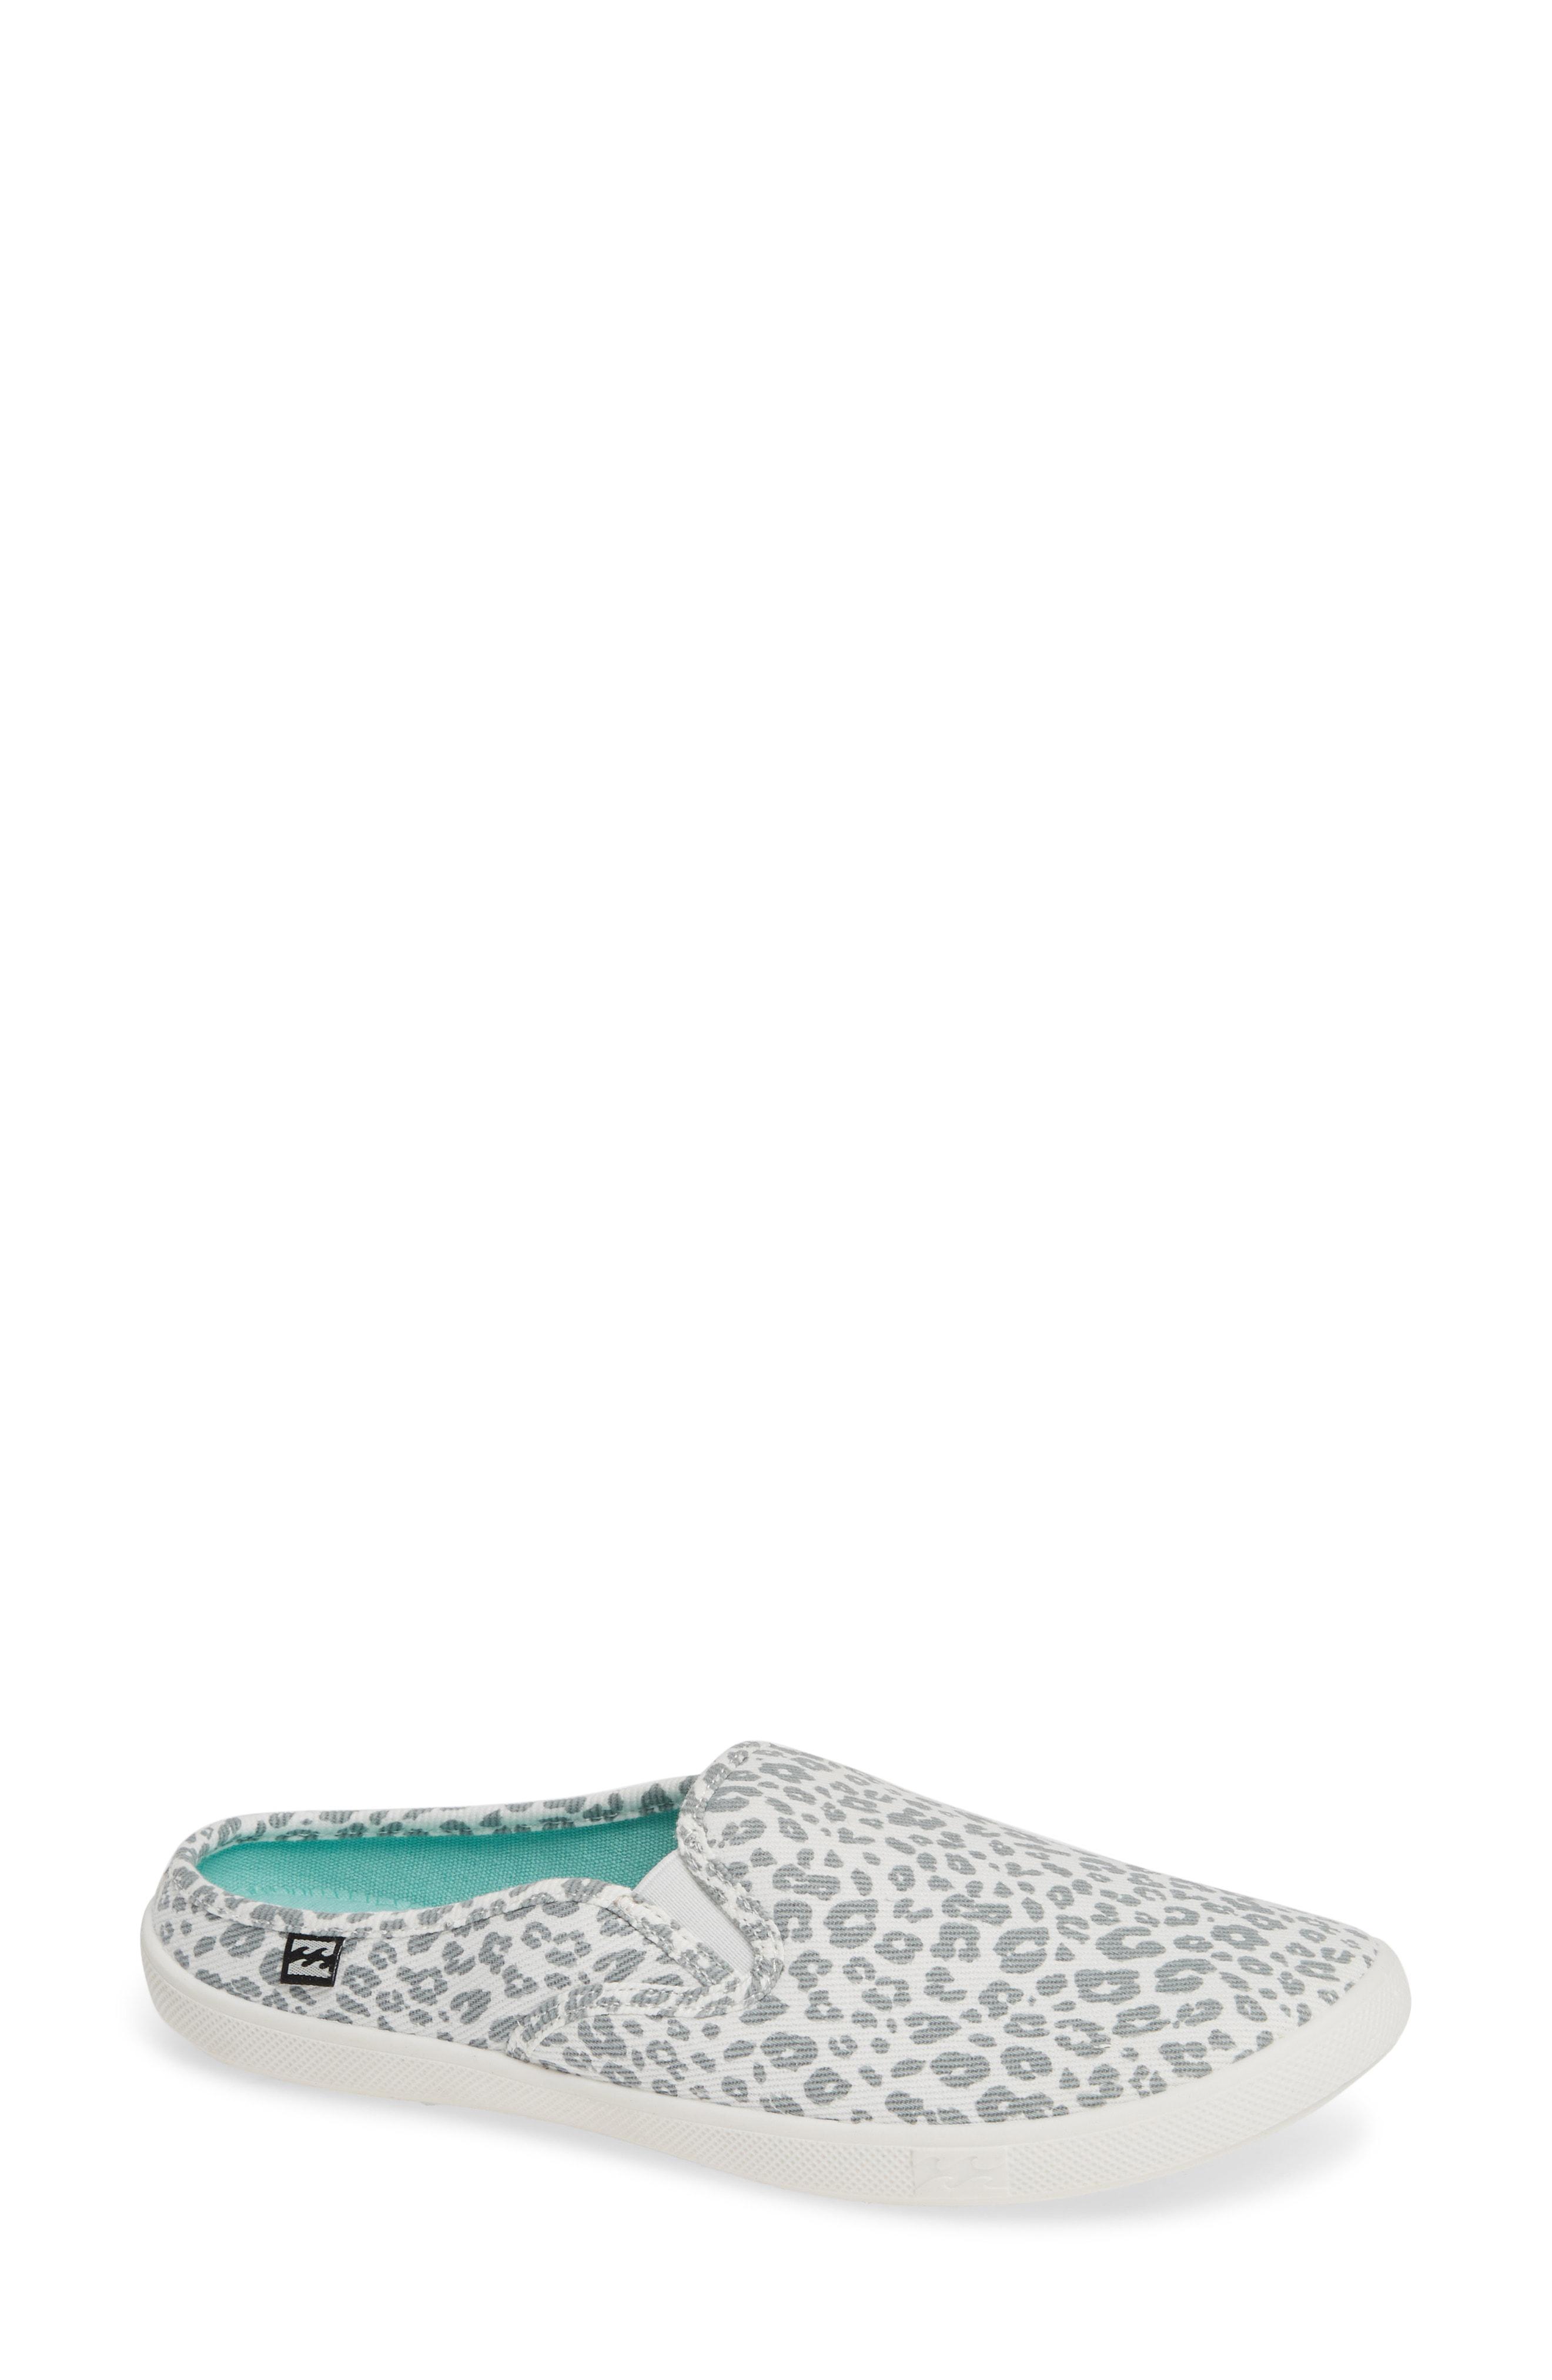 53bf571d01 Women's Gray Be Free Sneaker Mule